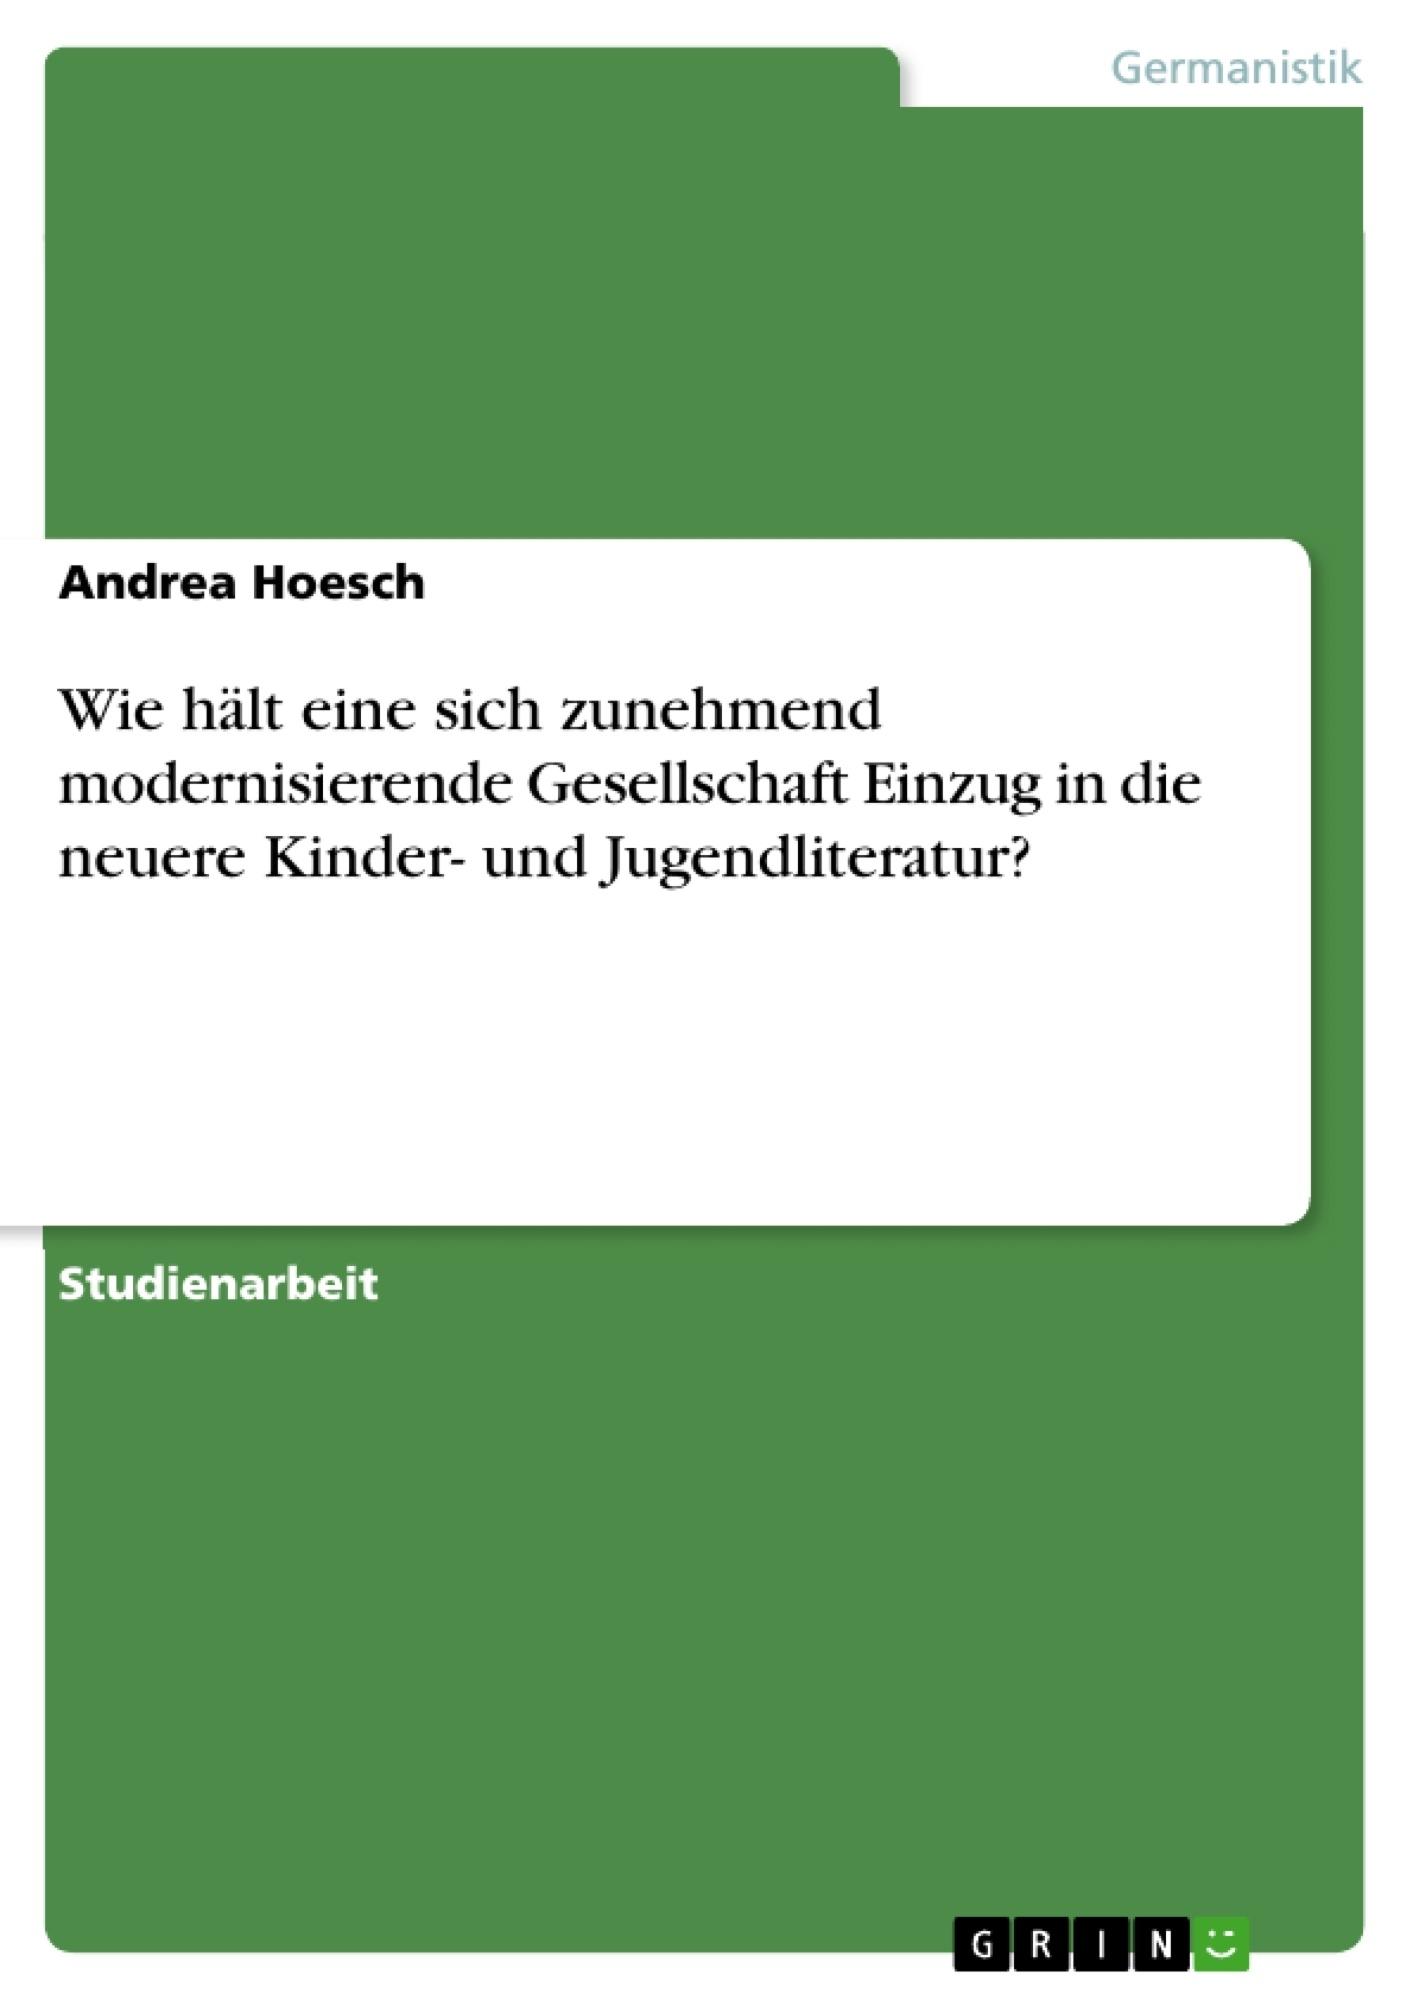 Titel: Wie hält eine sich zunehmend modernisierende Gesellschaft Einzug in die neuere Kinder- und Jugendliteratur?